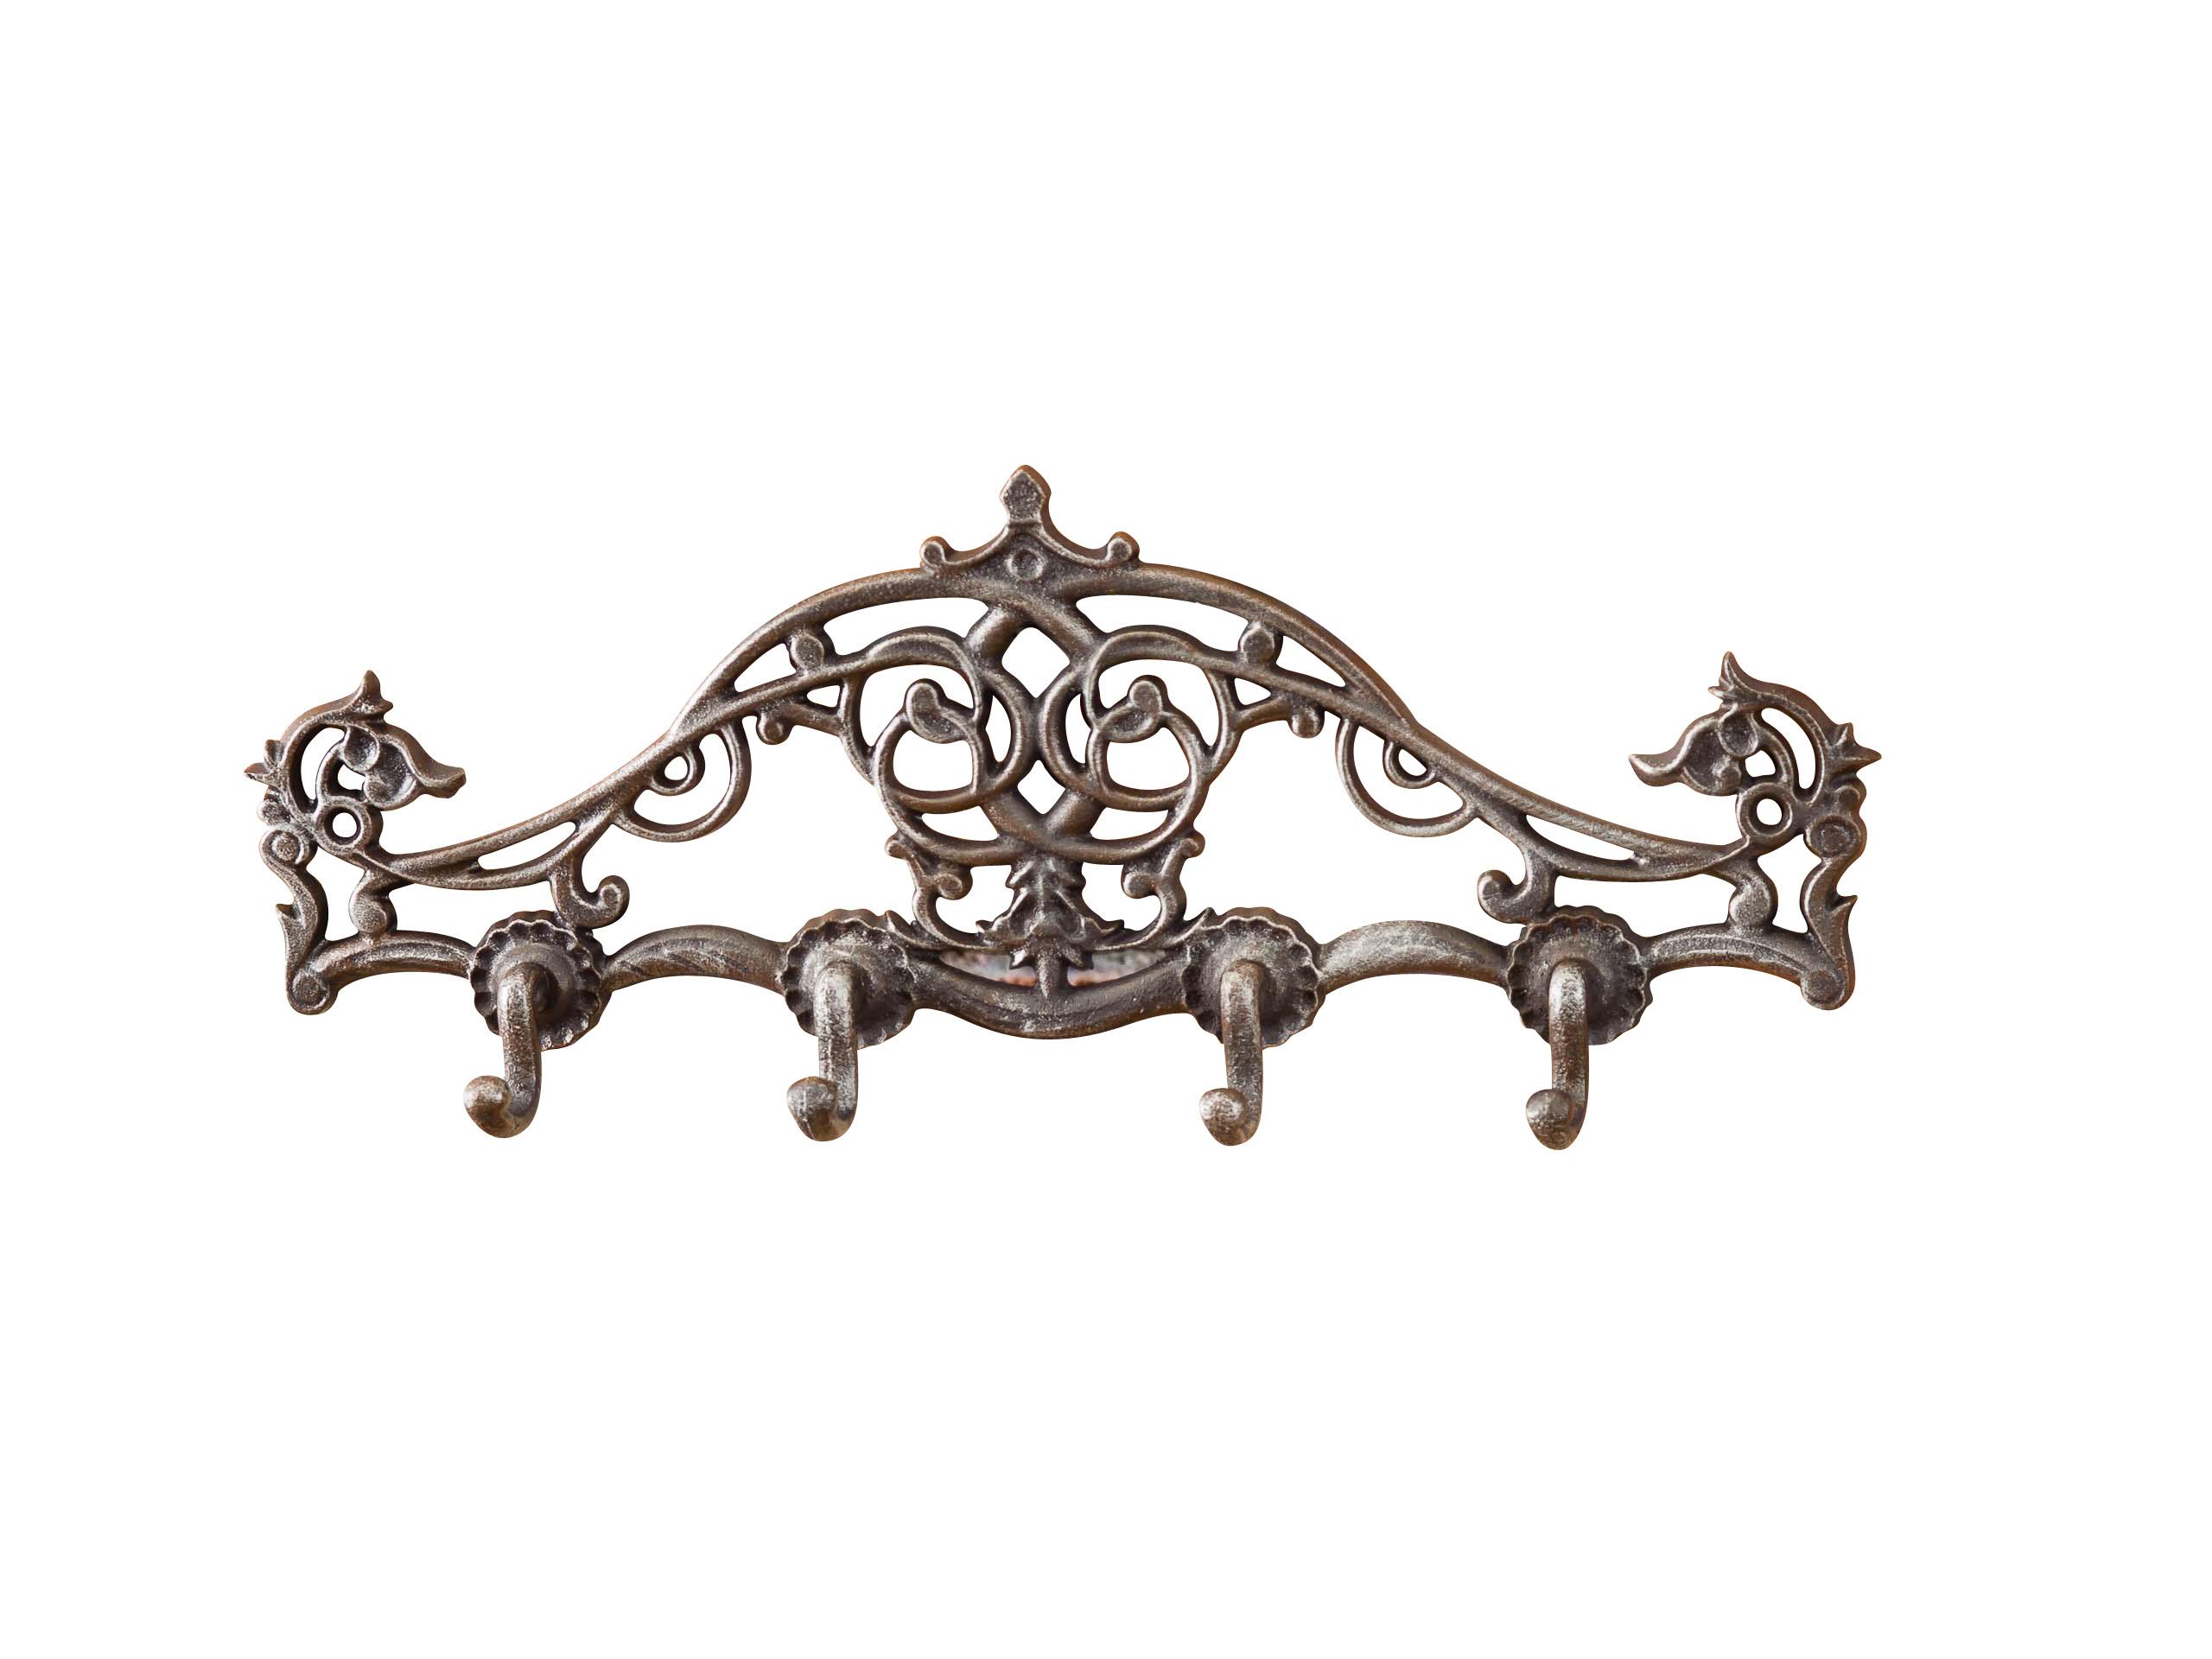 Wandgarderobe Garderobe Handtuchhalter Eisen gründerzeit antik Stil braun 39cm